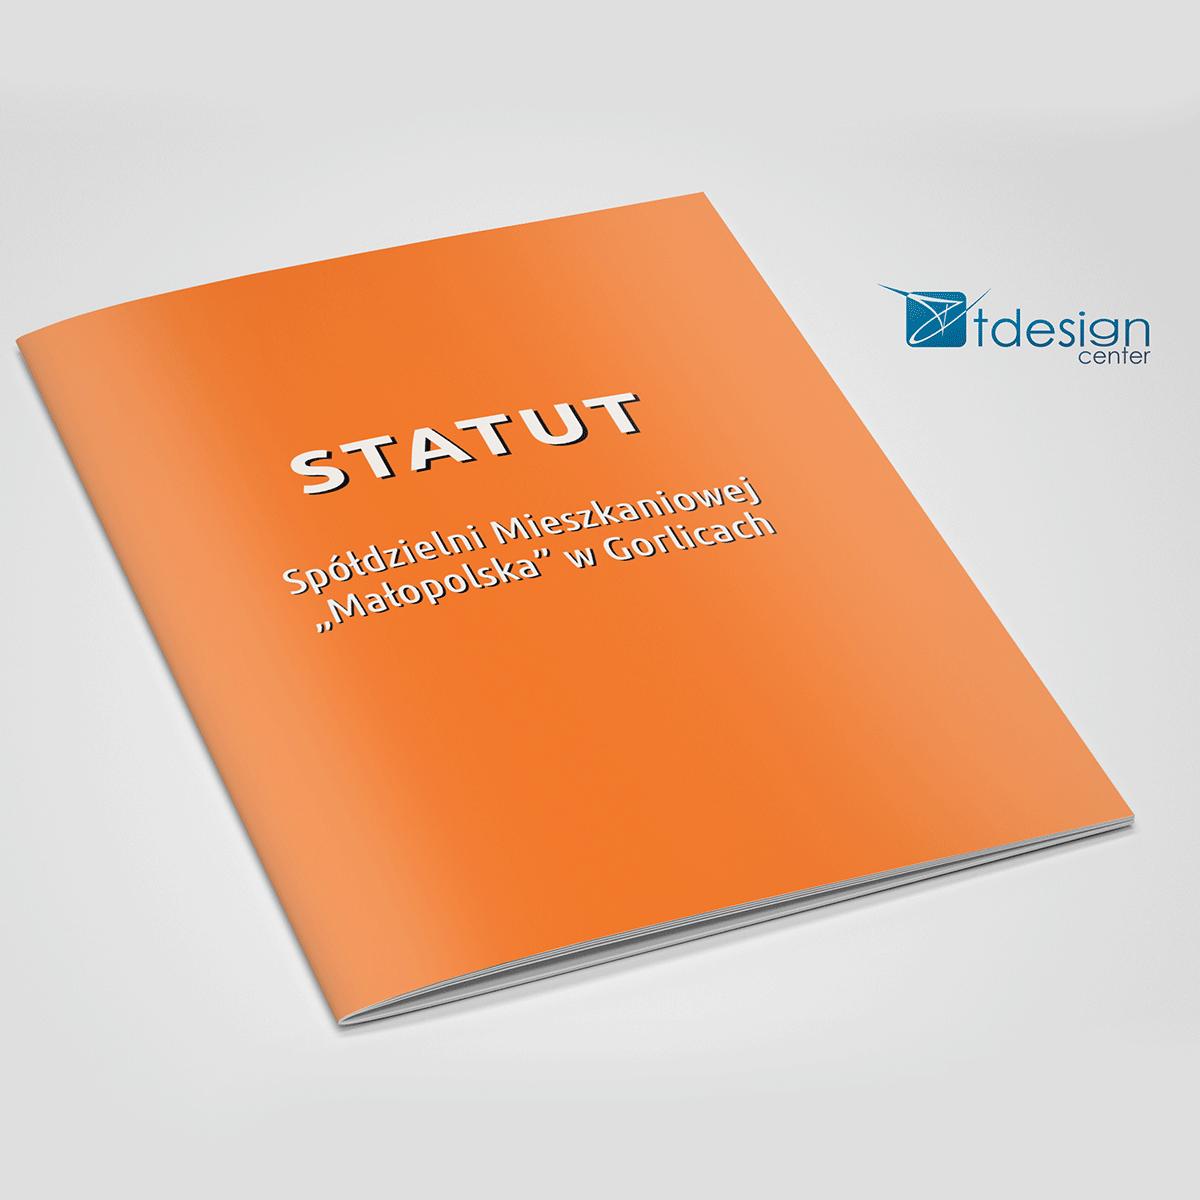 Skład DTP + druk, statut Spółdzielni Małopolska, format A5, 52 strony